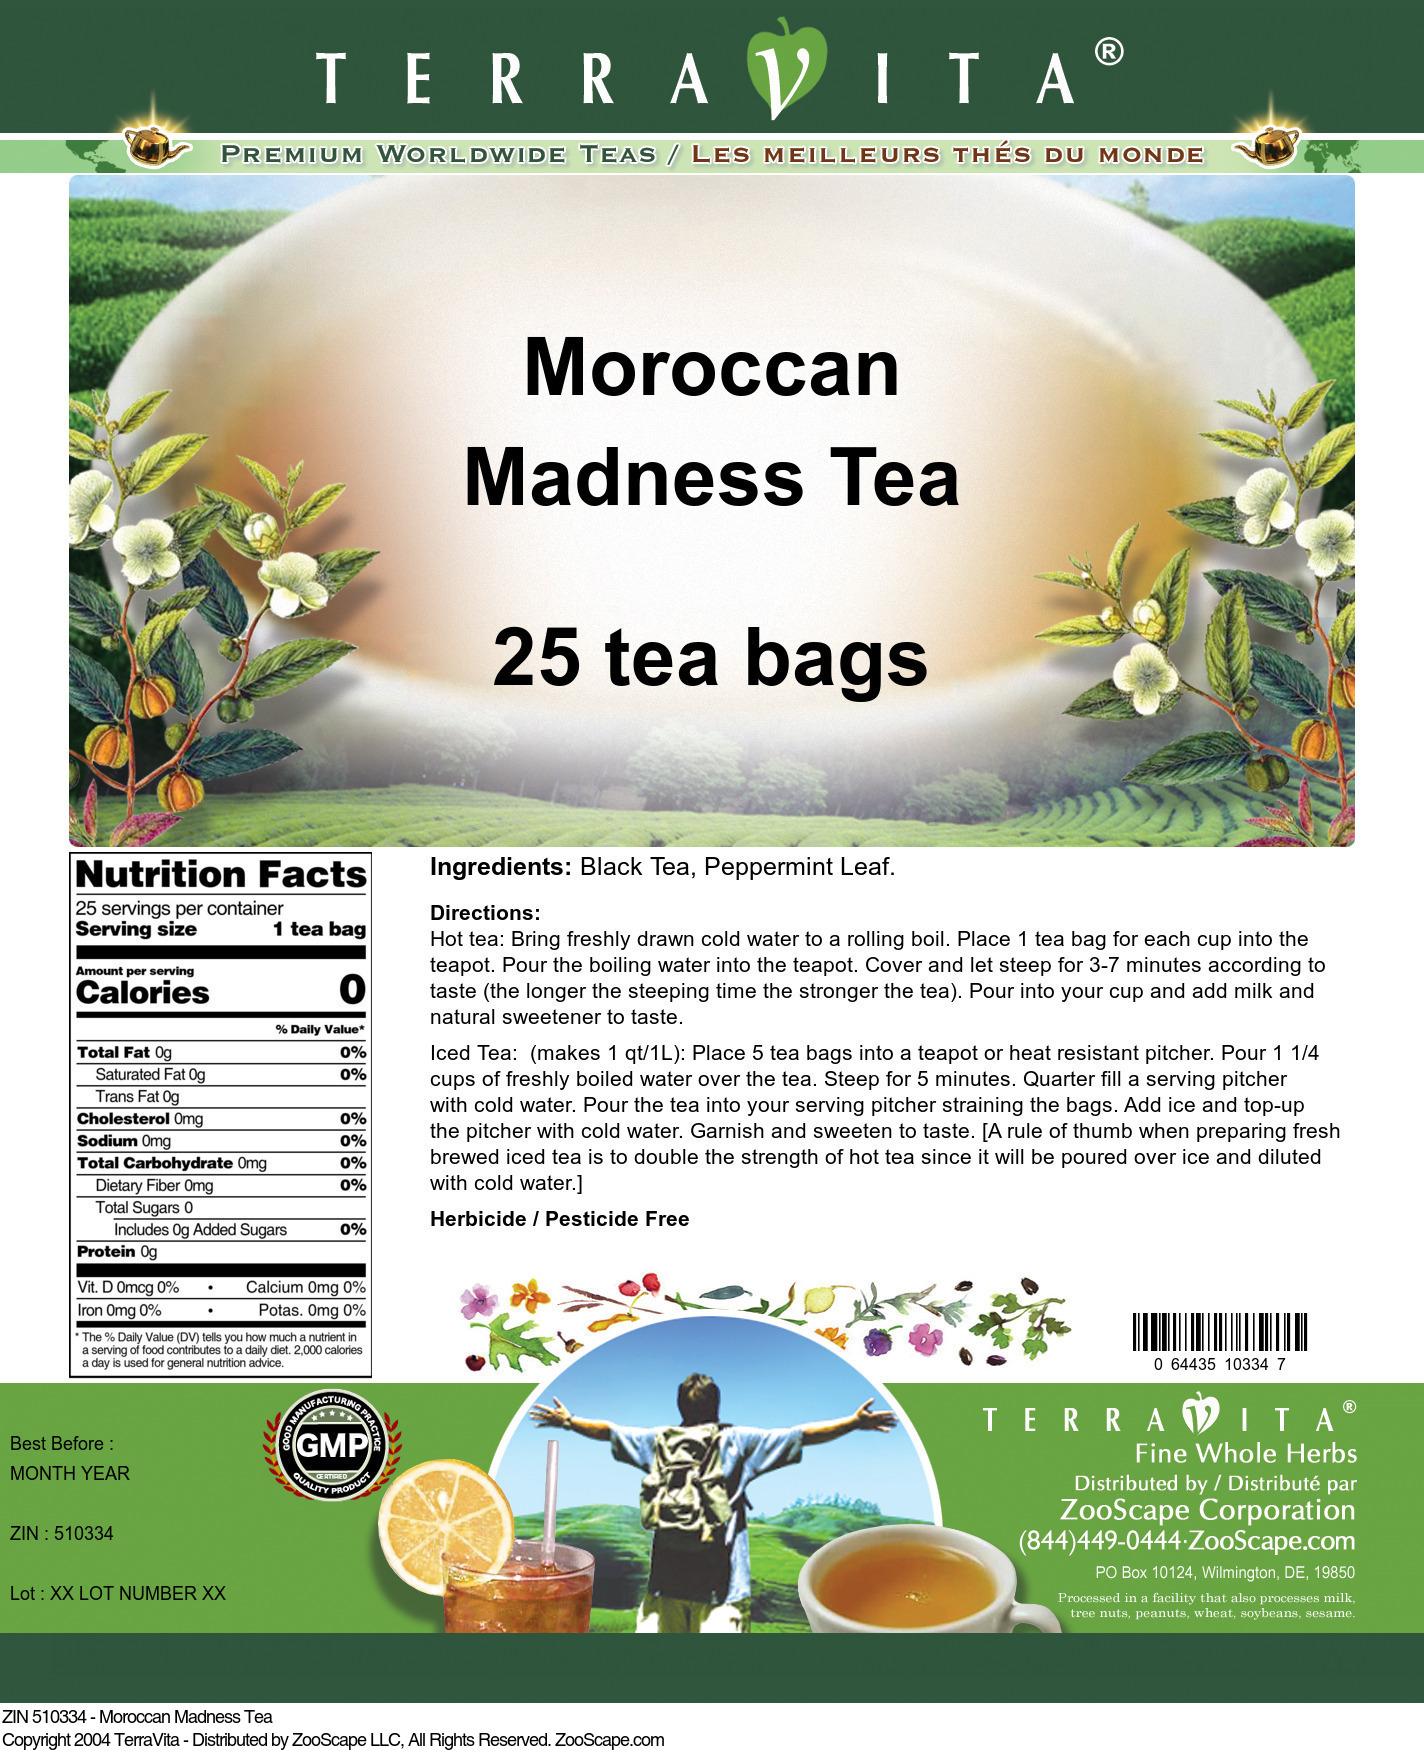 Moroccan Madness Tea